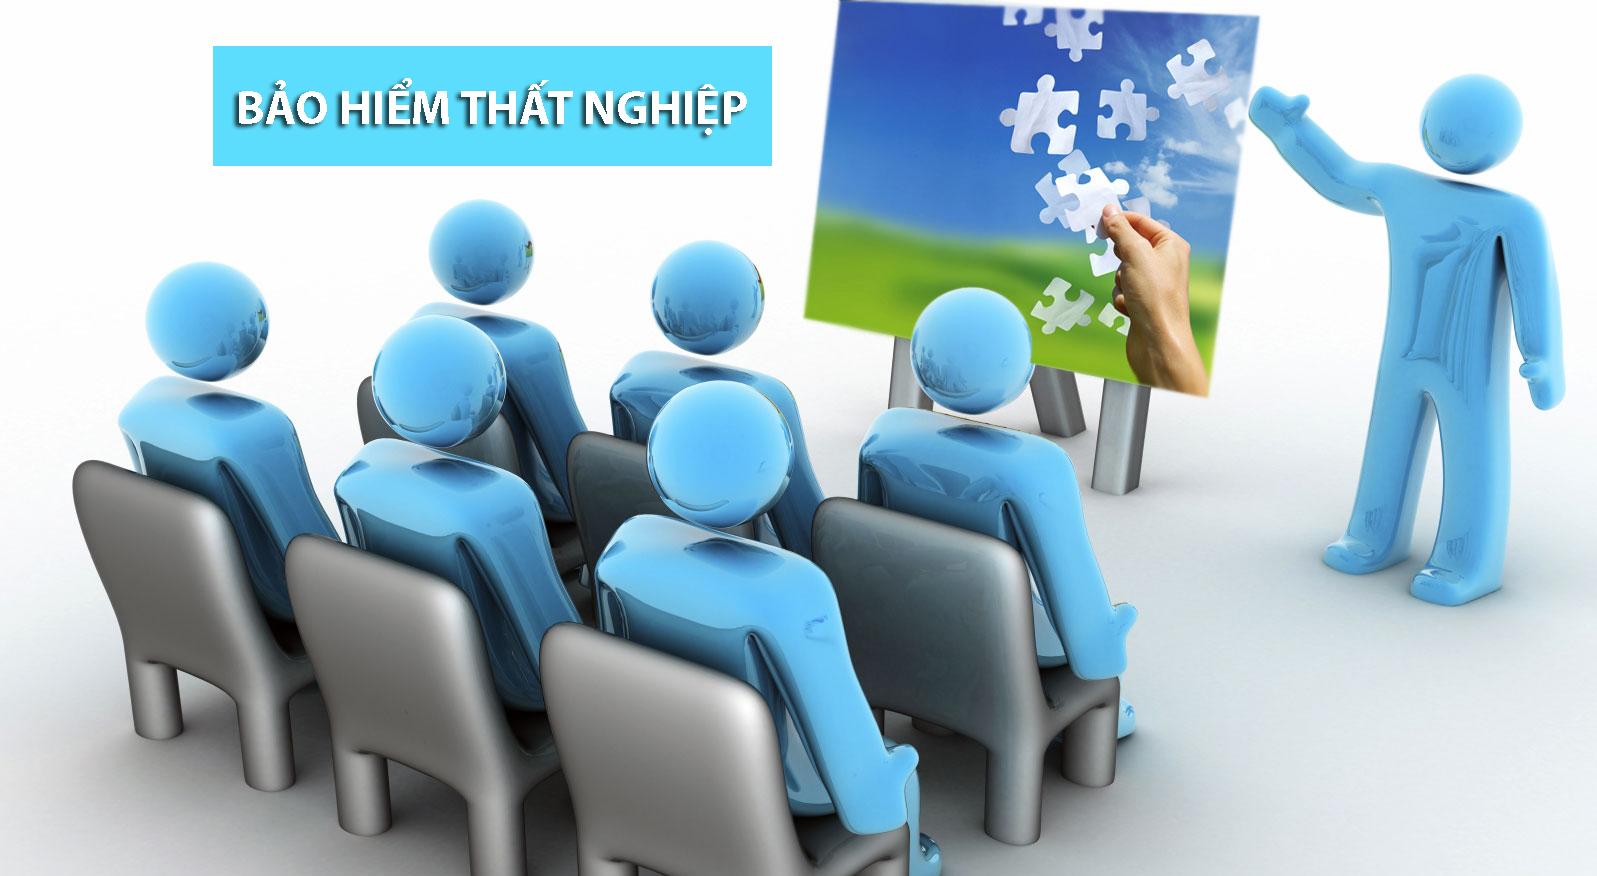 Các điều kiện doanh nghiệp bảo hiểm phải bảo đảm đối với quyền lợi bảo hiểm hưu trí định kỳ là gì?